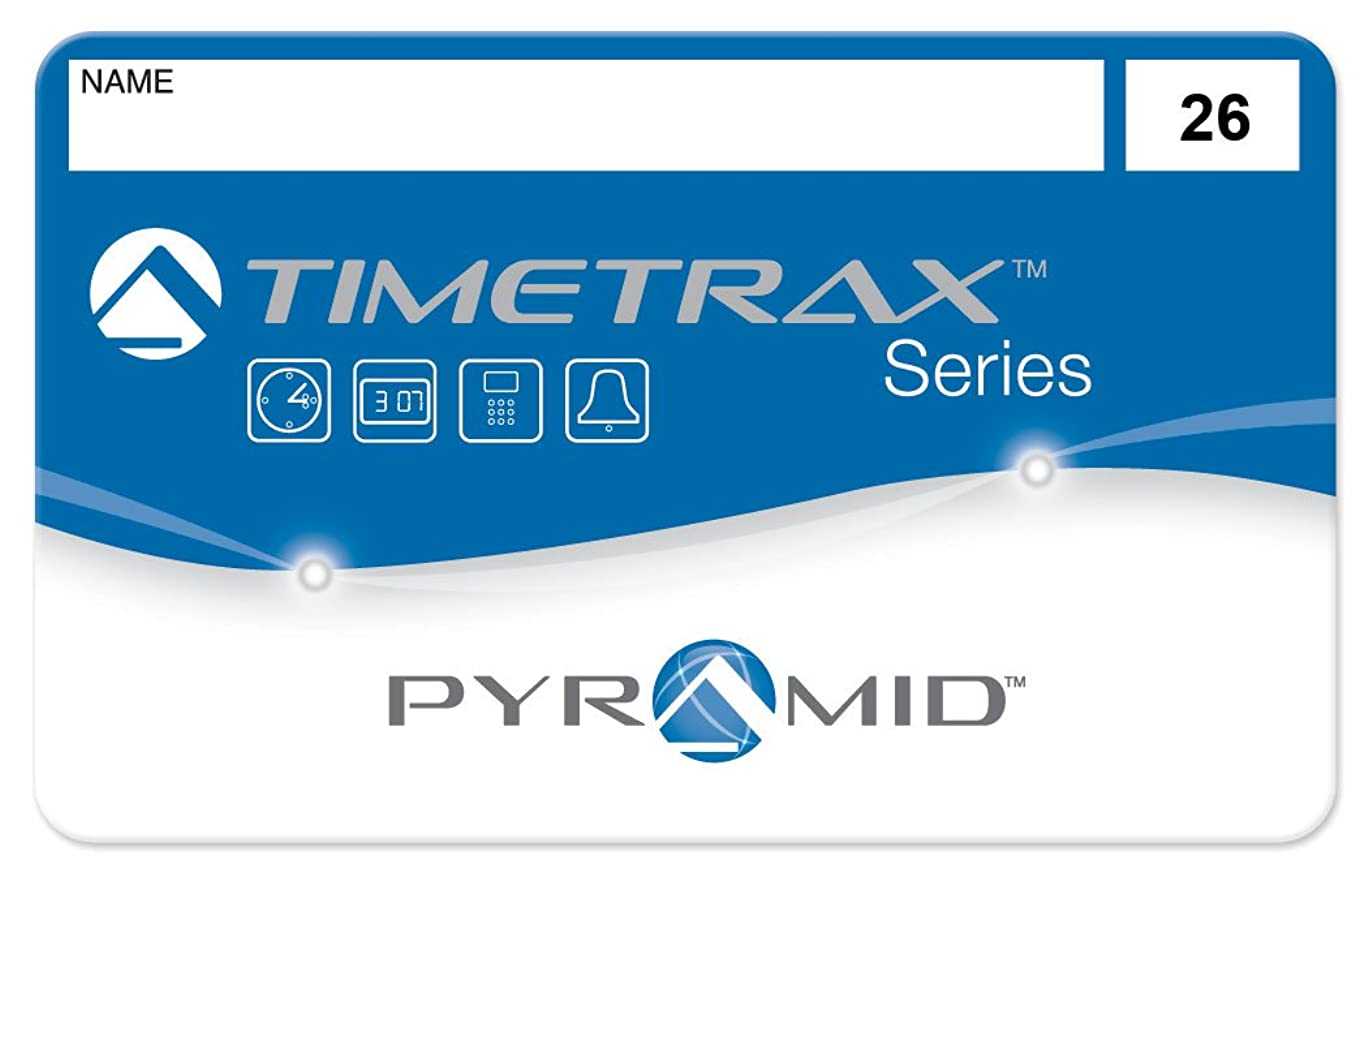 寛解協会組み立てるPyramid 41303 従業員用スワイプカード 番号26-50 TimeTrax TTEZ/TTEZEK/PSDLAUBKK/TTPRO/TTMOBILE/FASTTIME 8000/FASTIME 9000用タイムレコーダーシステム TTEZタイムレコーダーシステム用に購入の場合、従業員25名用アップグレードソフトウェアパッケージが必要です。 25個パック。